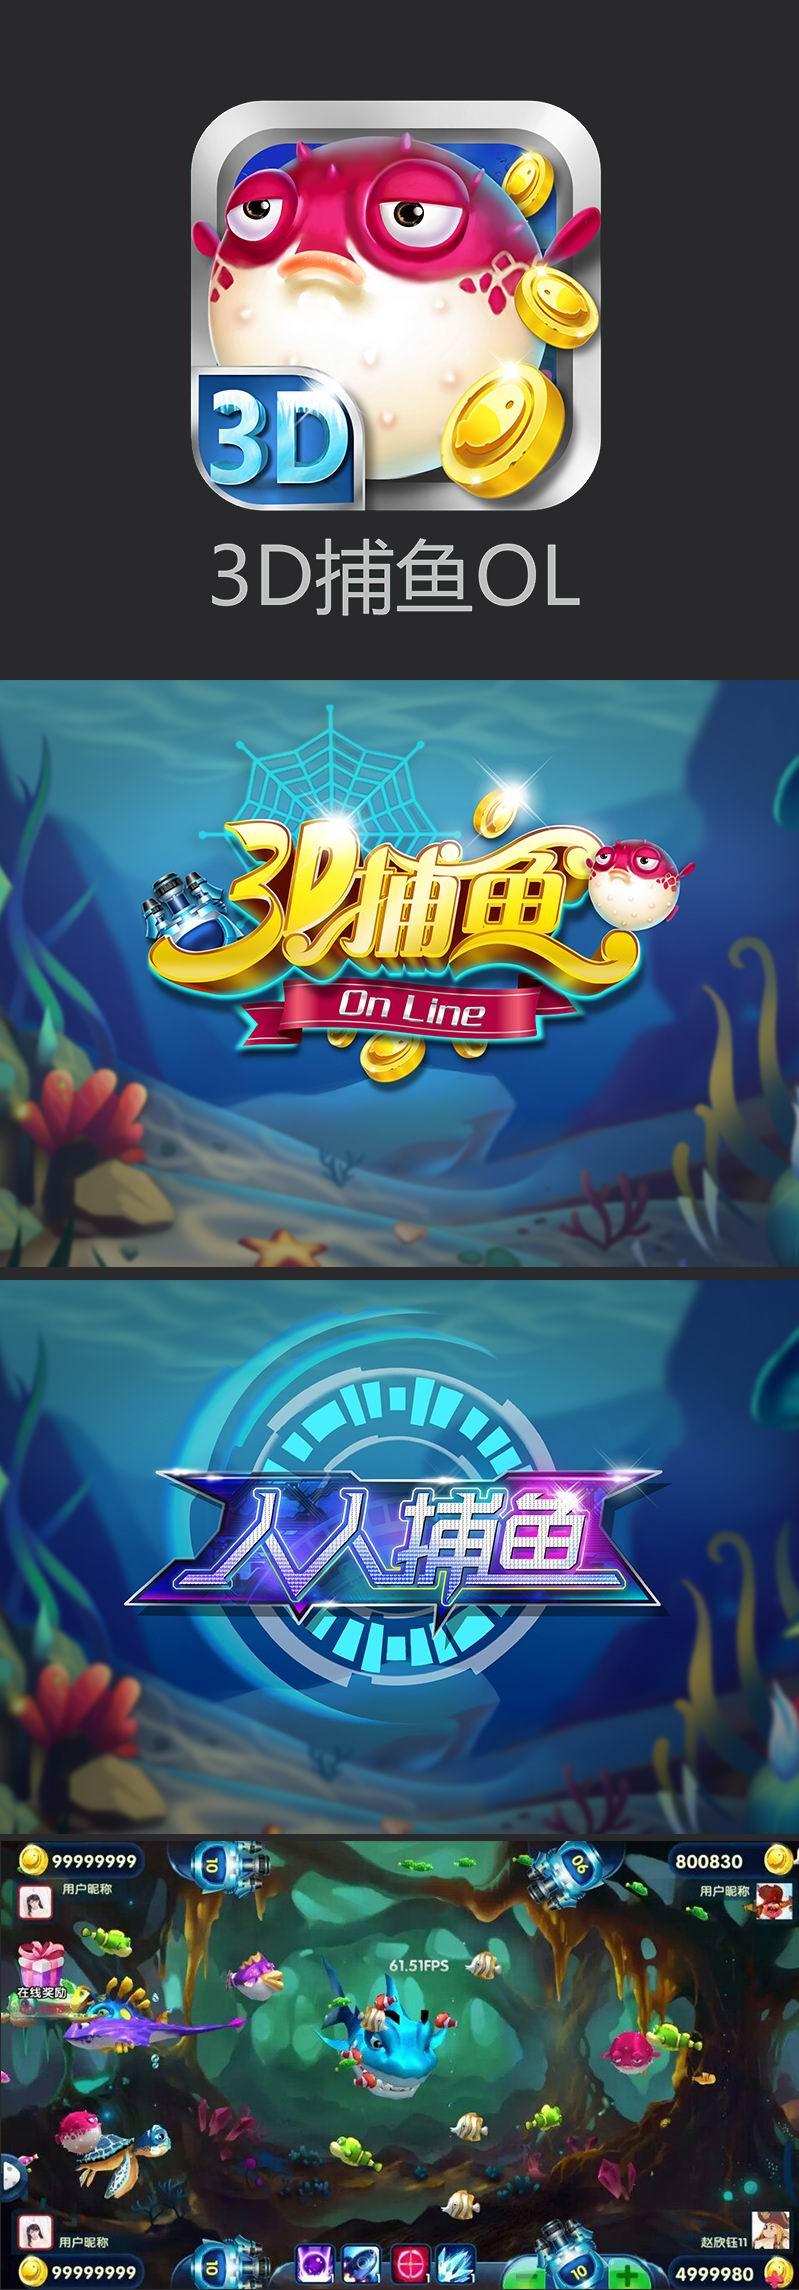 一款3D的游戏原创|游戏UI|UI|追盛-捕鱼设计作.曲线下列绘制图片